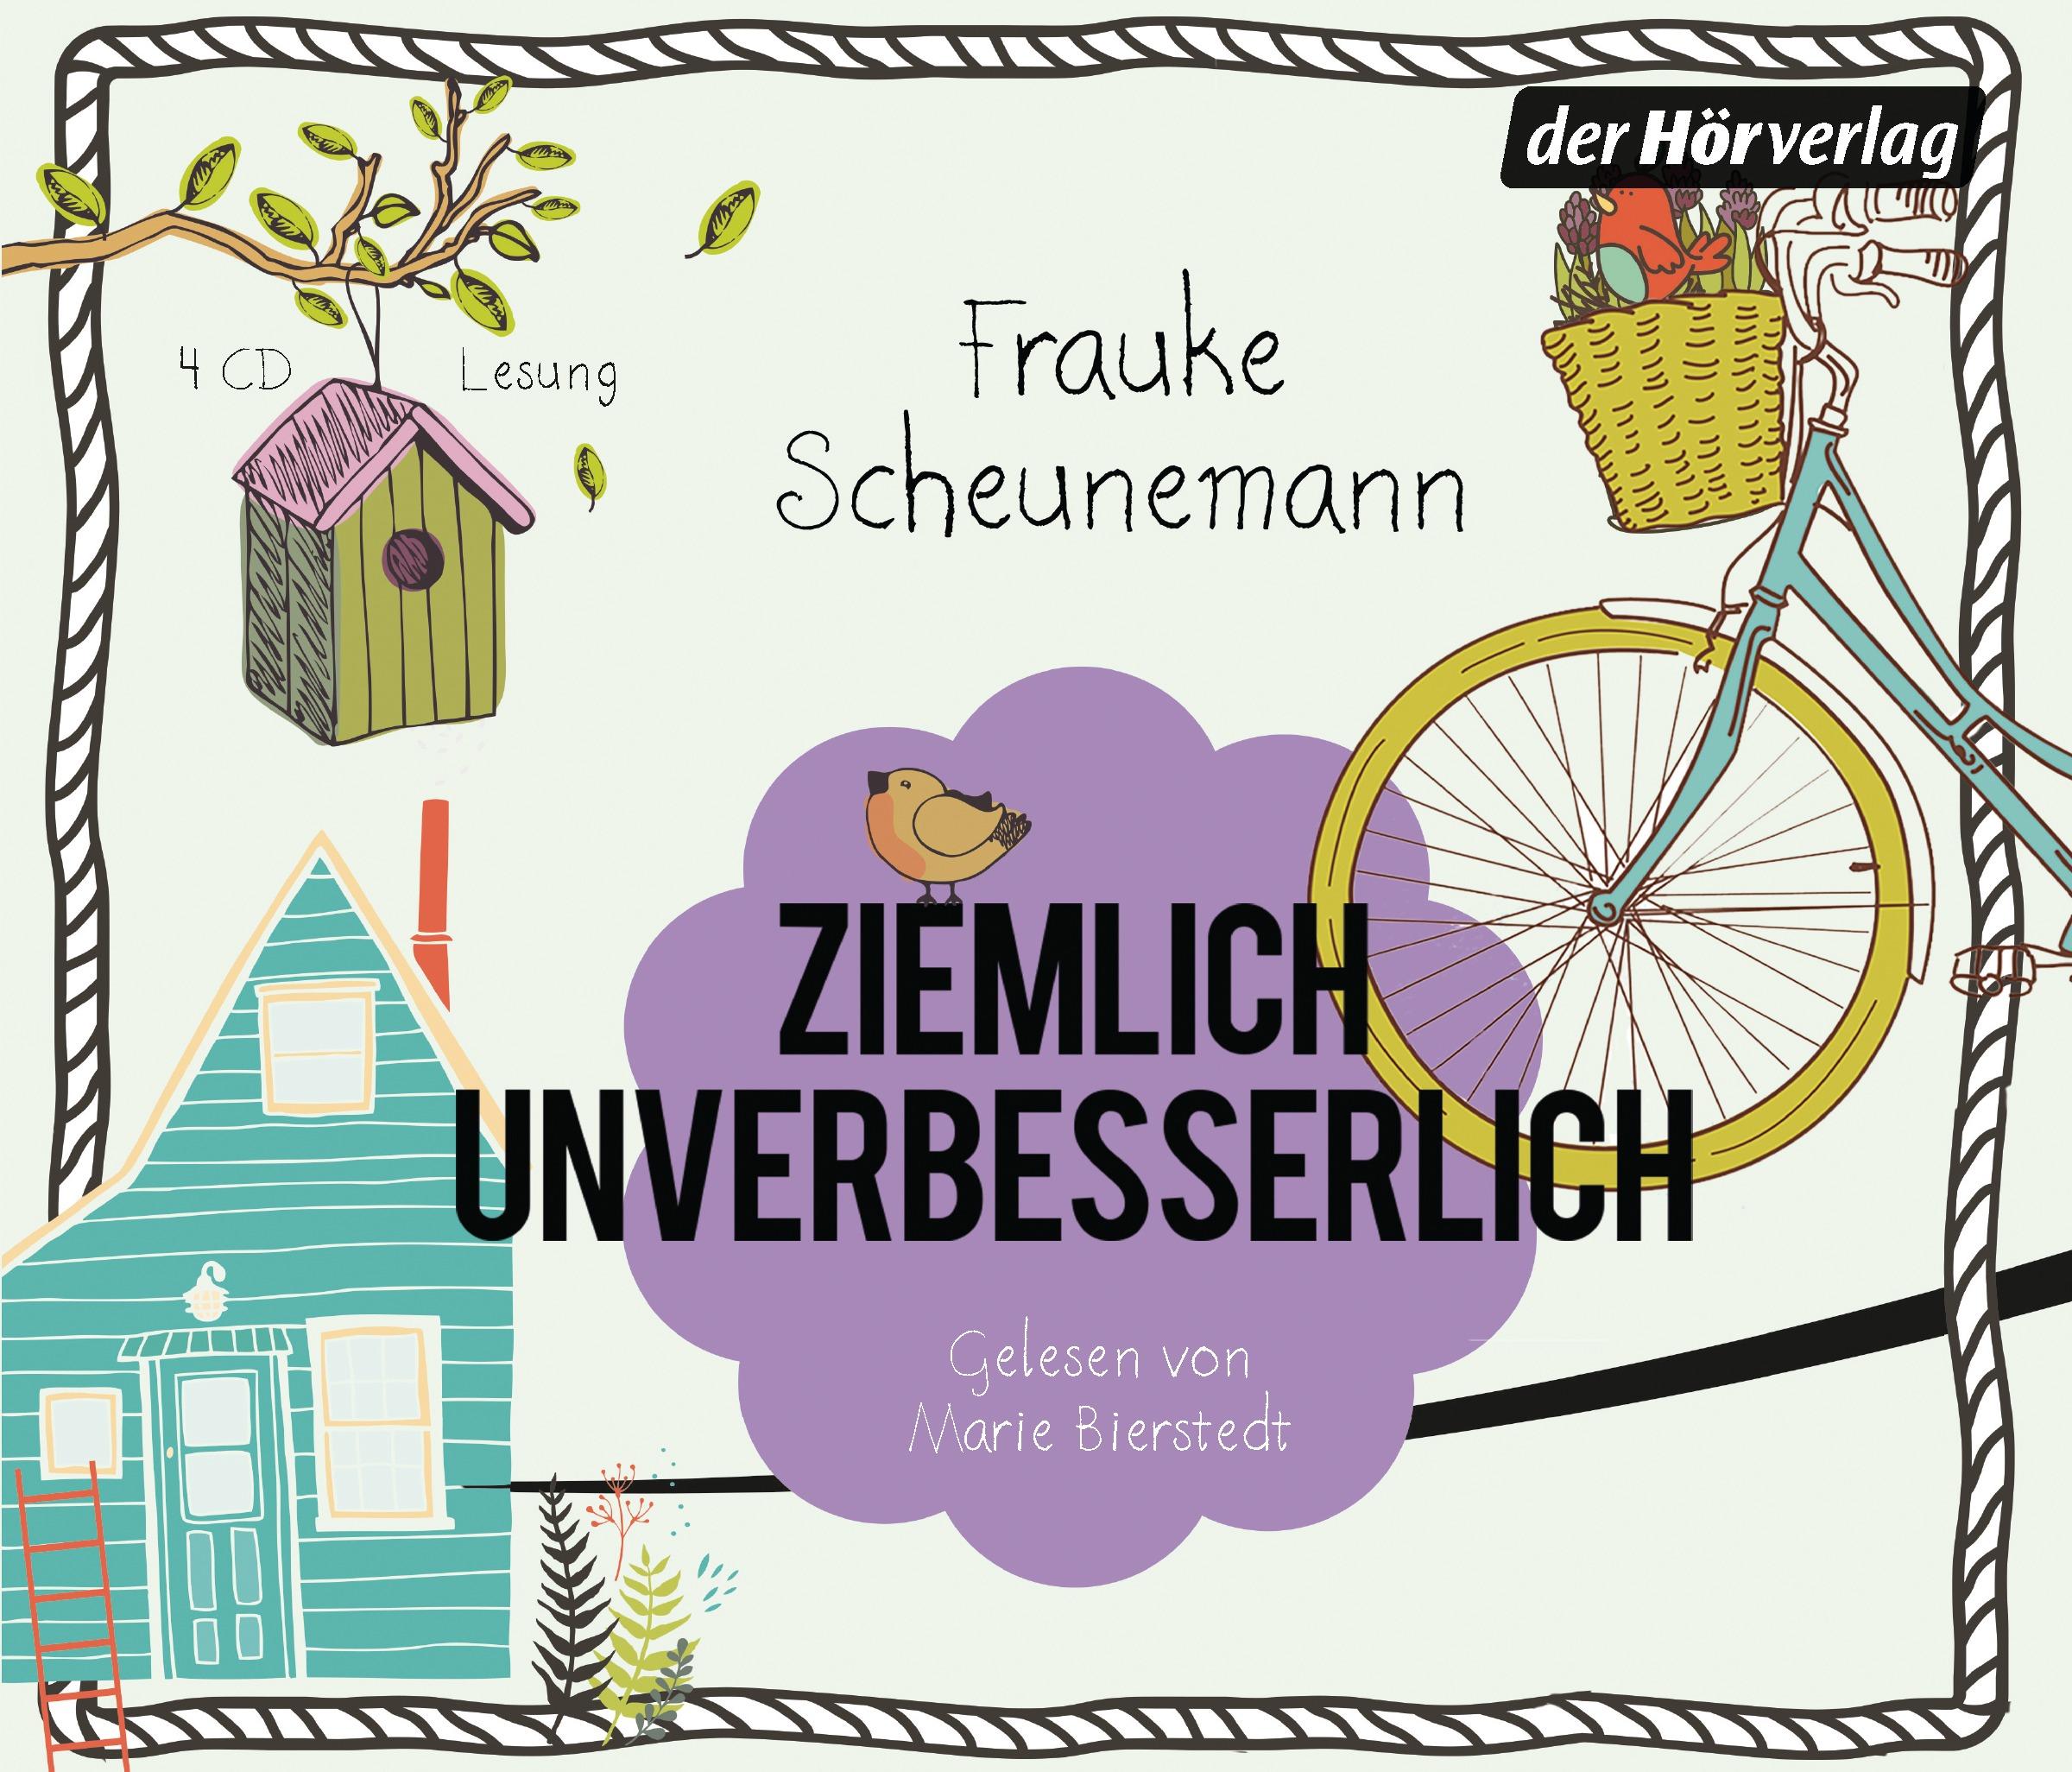 Ziemlich unverbesserlich: Eine Familienkomödie - Frauke Scheunemann [4 Audio CDs]